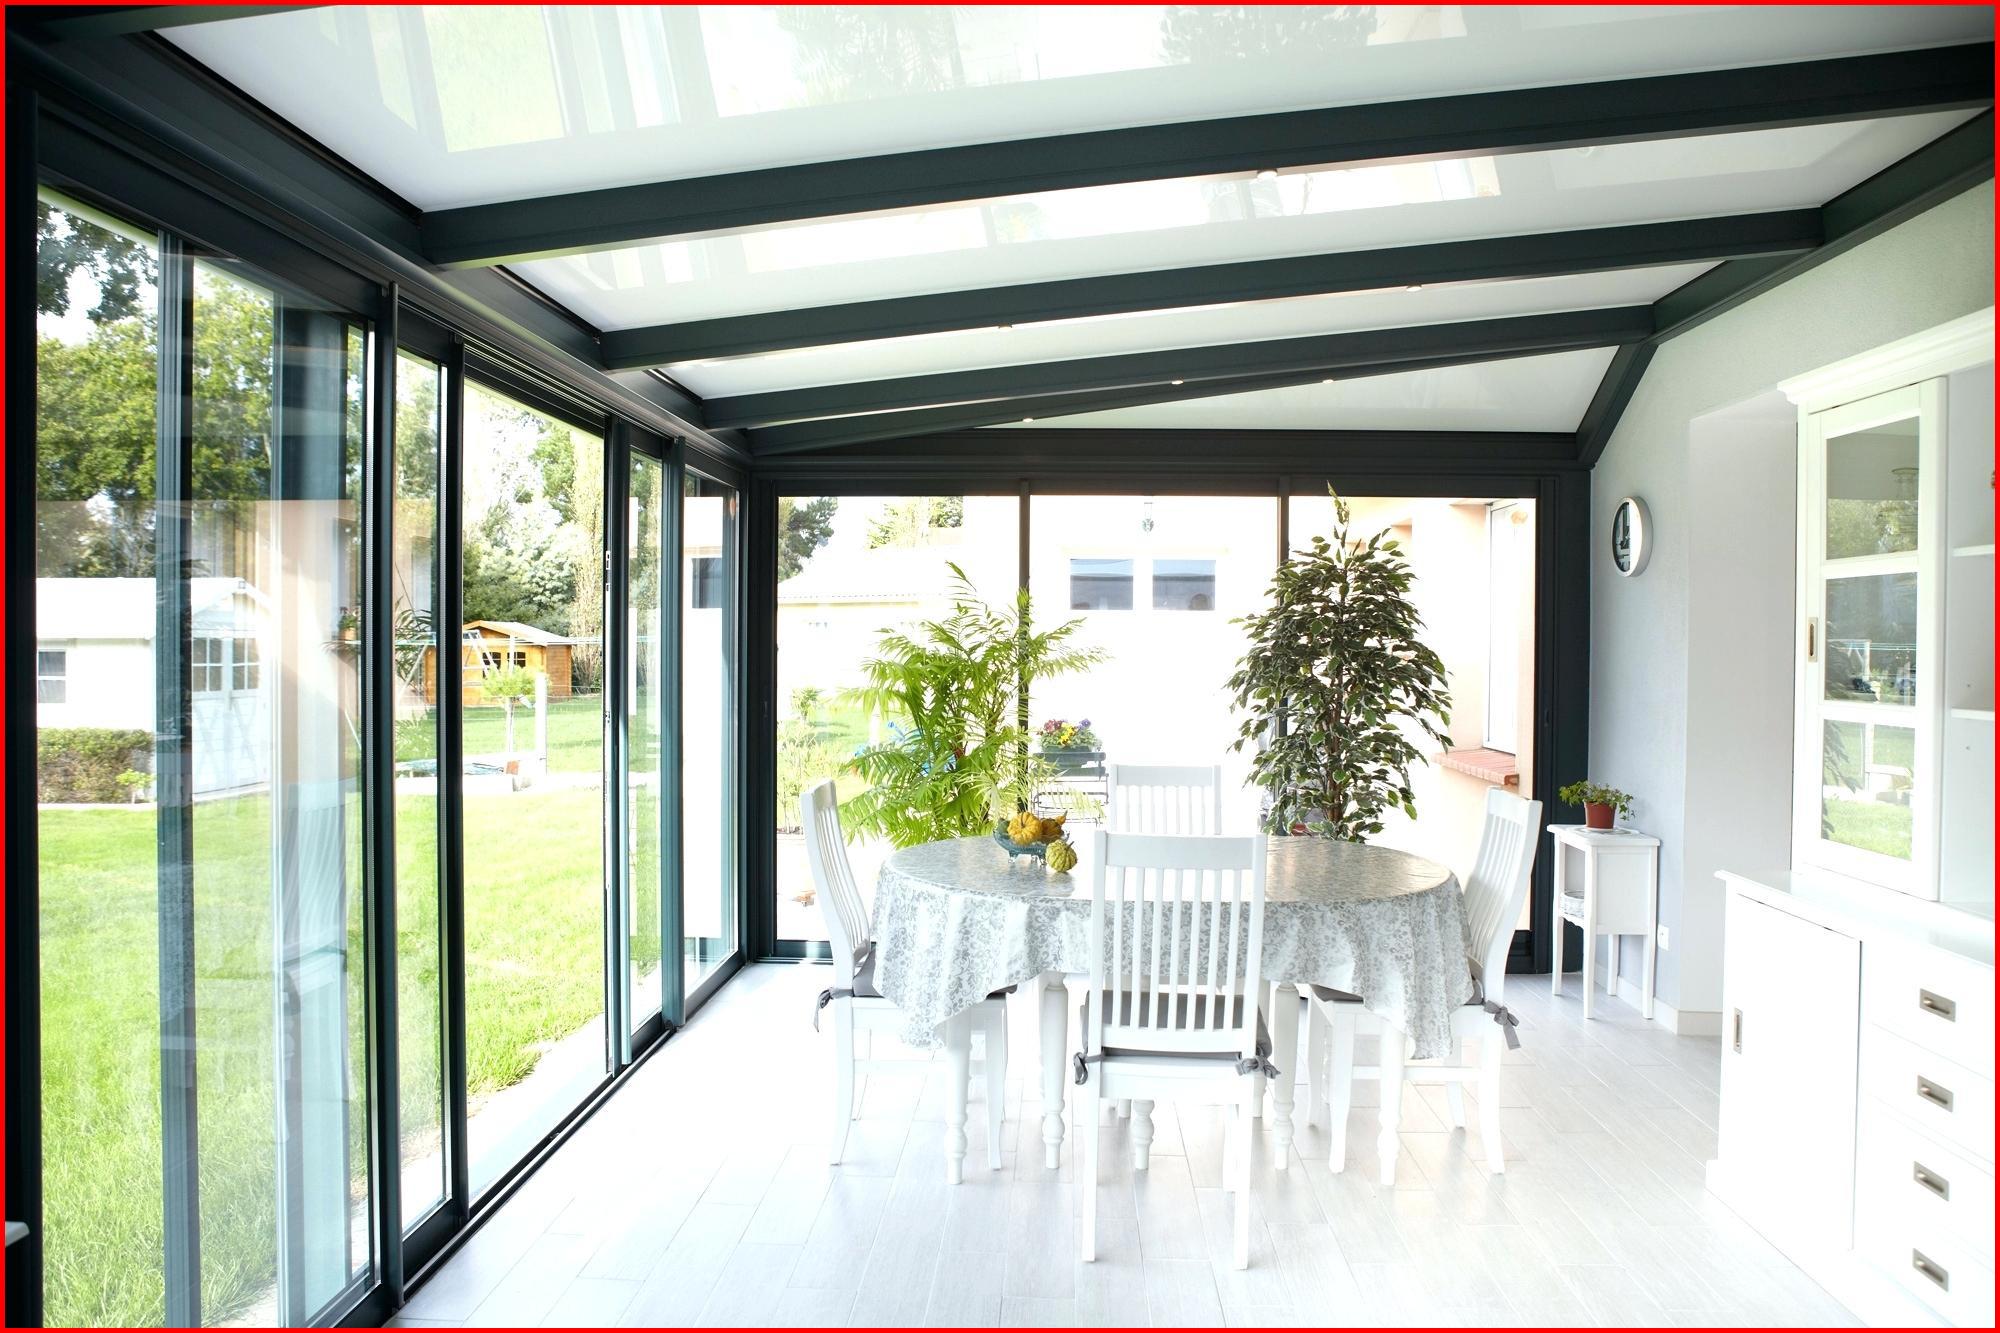 Prix veranda wallis